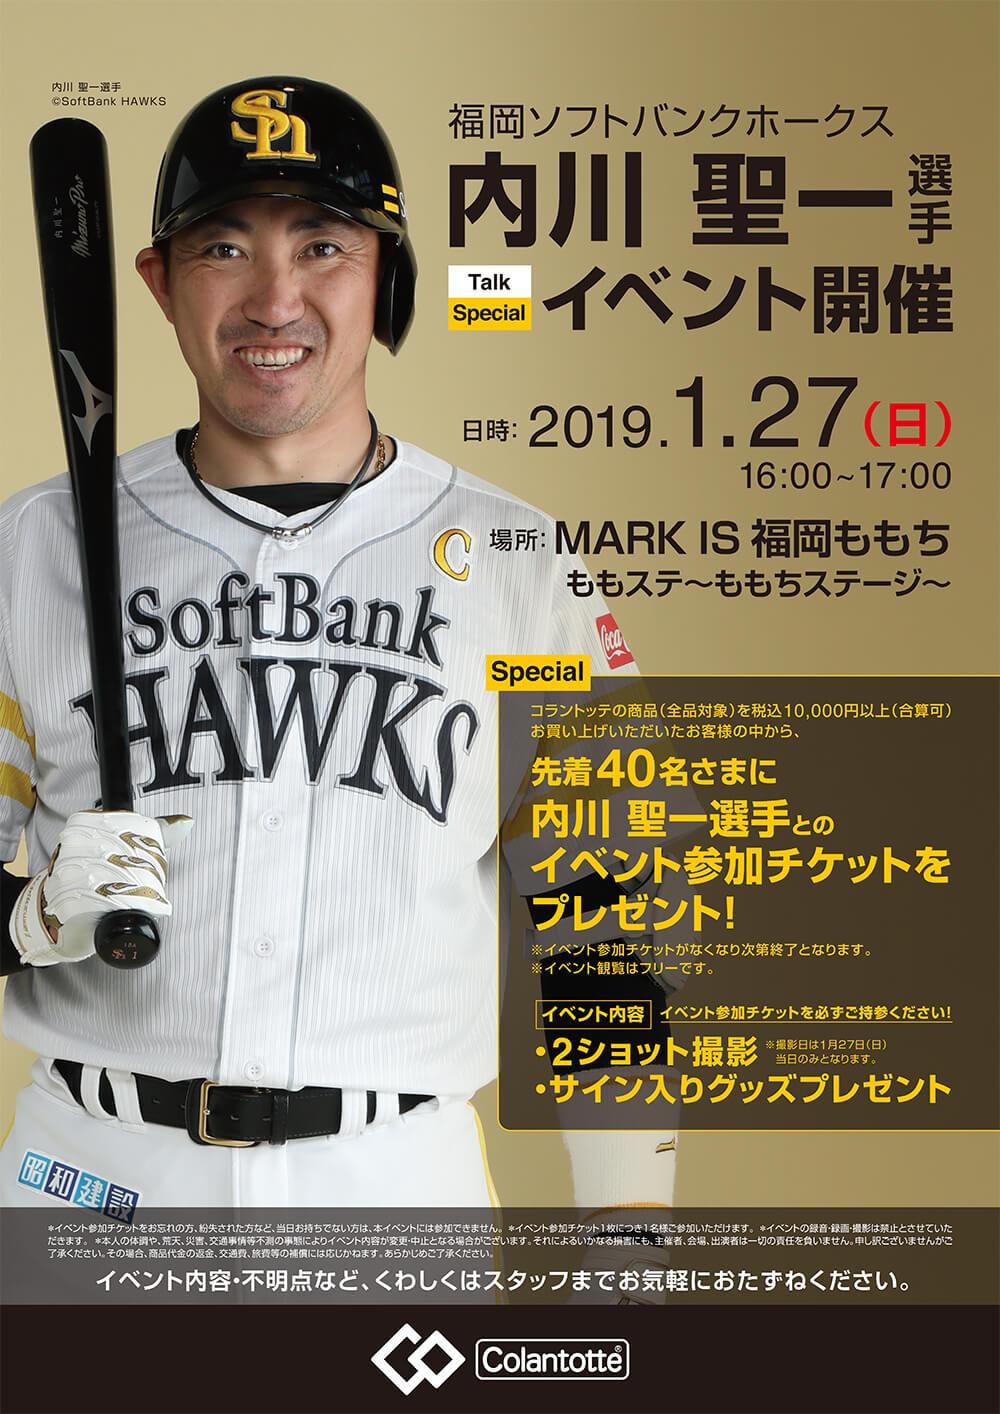 甲斐拓也選手(プロ野球・福岡ソフトバンクホークス所属)